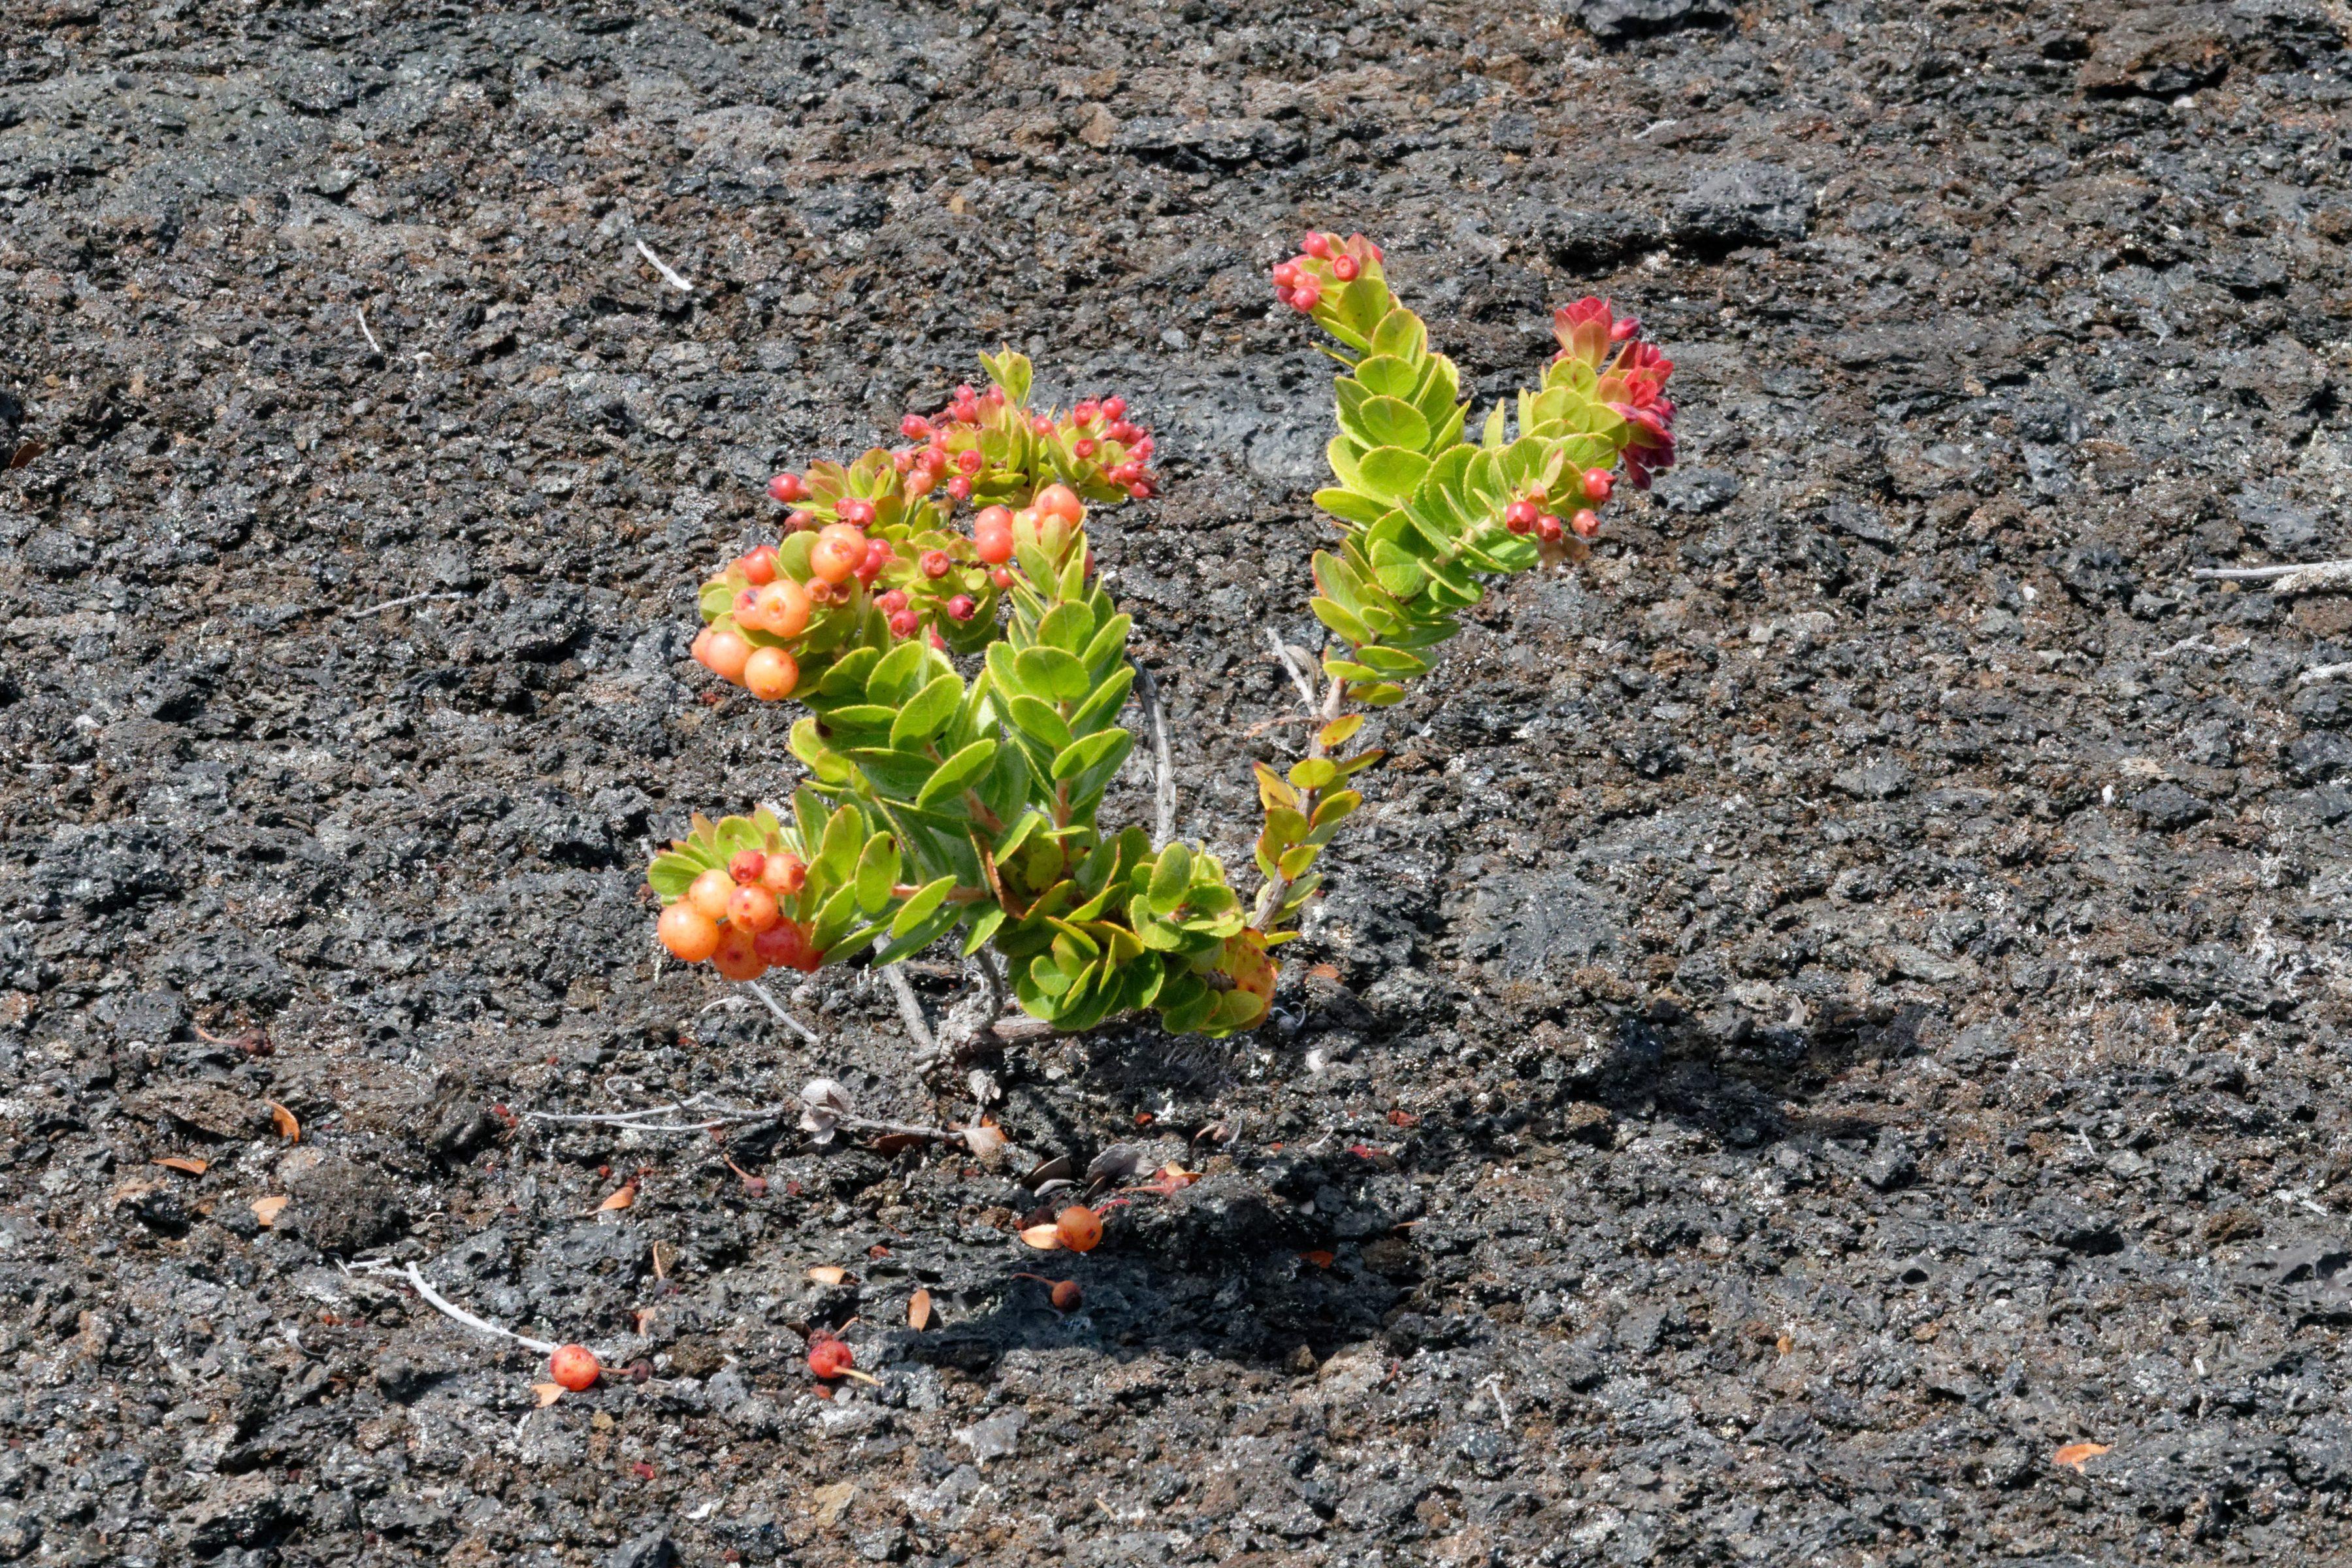 Les petites pousses de ʻōhiʻa au sen des coulées de lave solidifiées